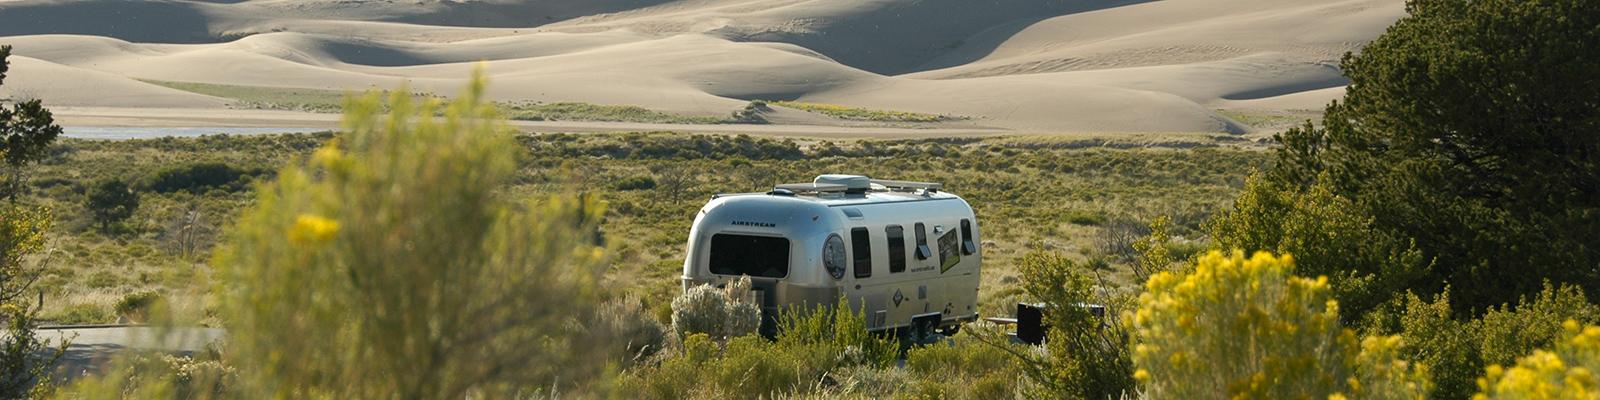 Airstream Life Desert